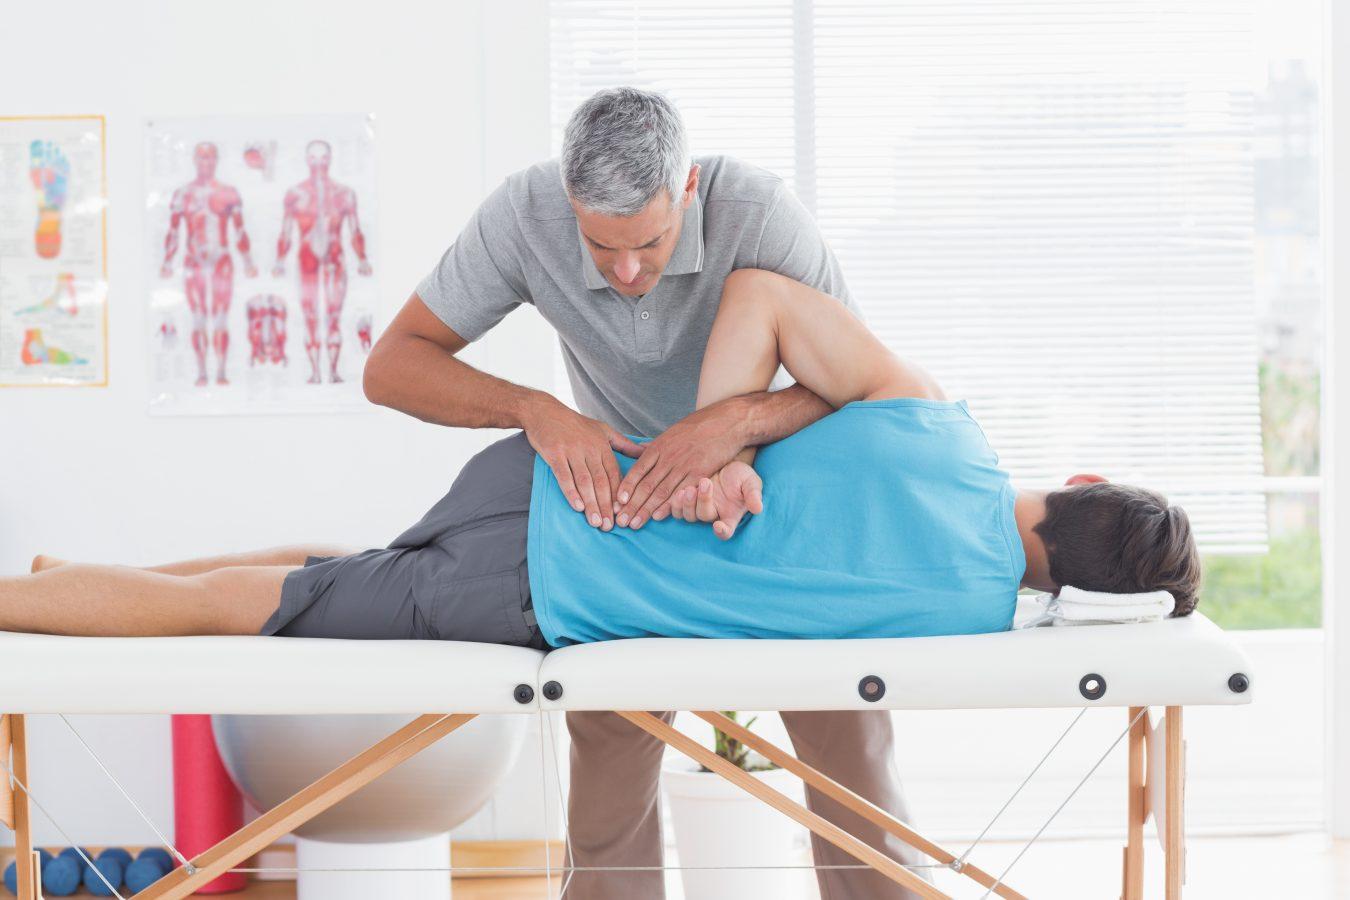 pierderea în greutate chiropractică și eficacitatea acesteia dieta de slabit 15 kg